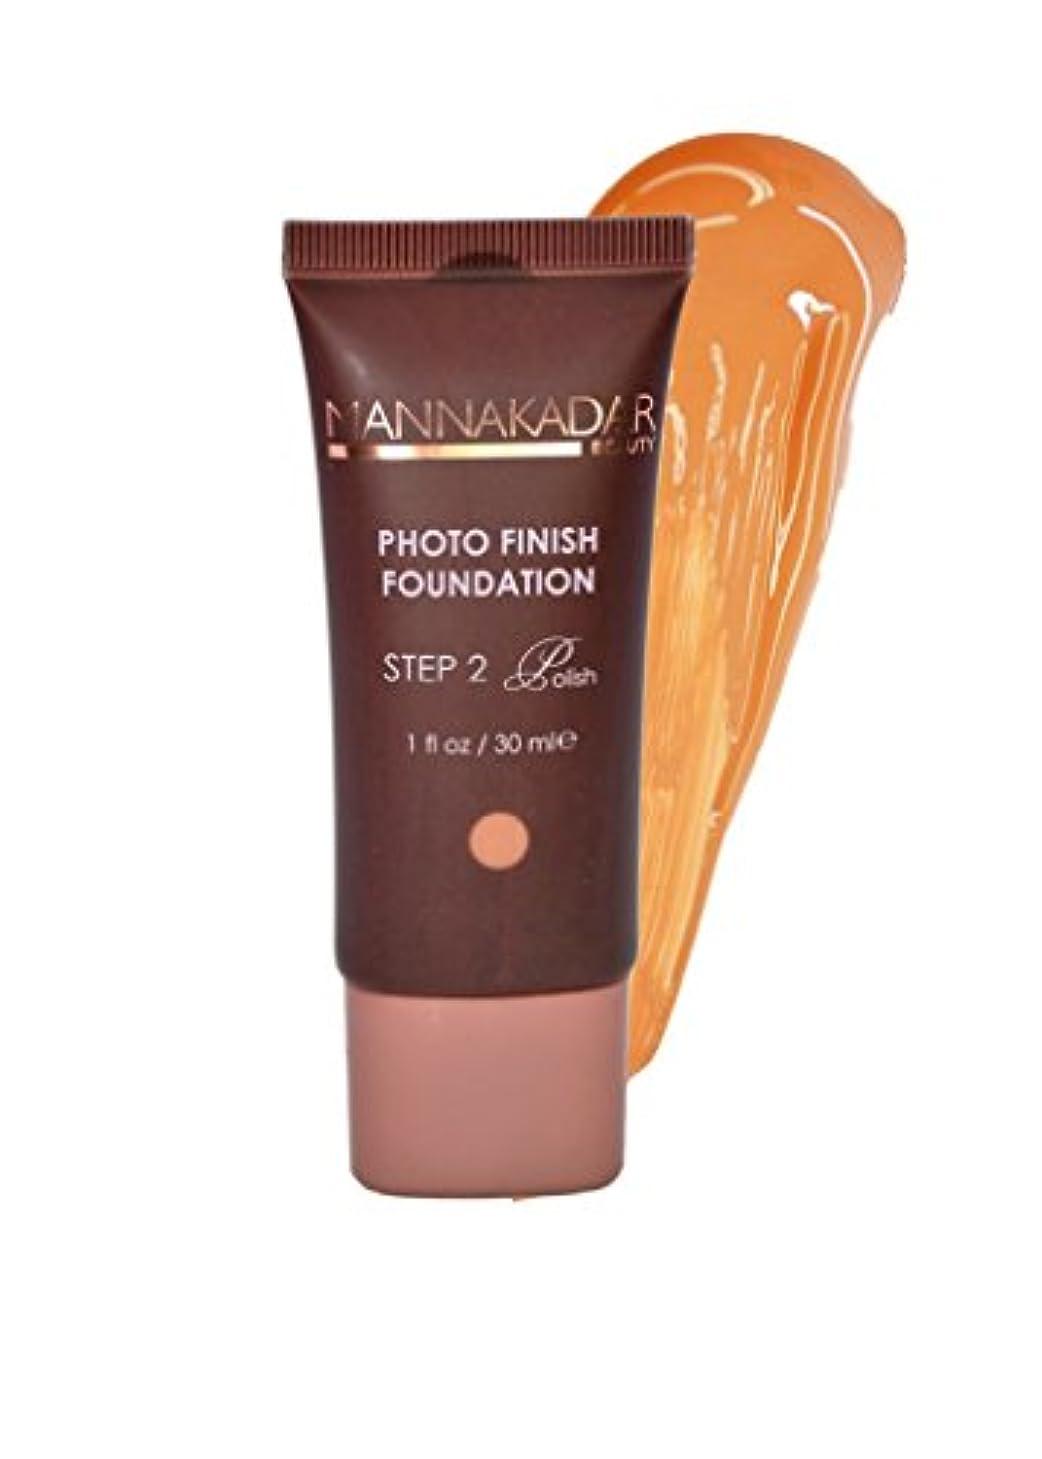 コマース批評判定Manna Kadar Cosmetics フォトフィニッシュ財団C6 - 完璧なタン